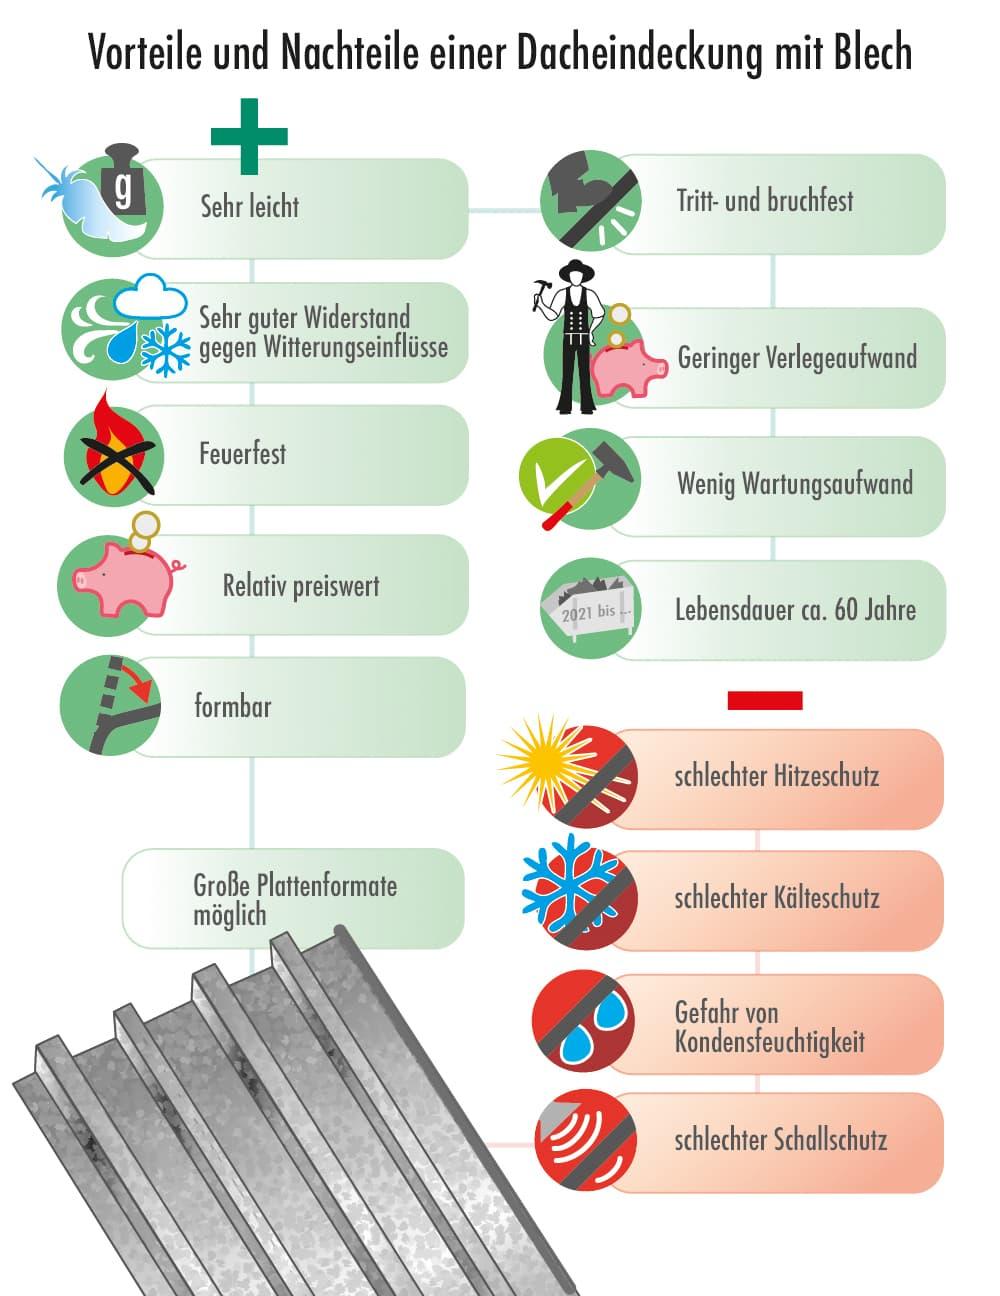 Blechdach: Vorteile und Nachteile